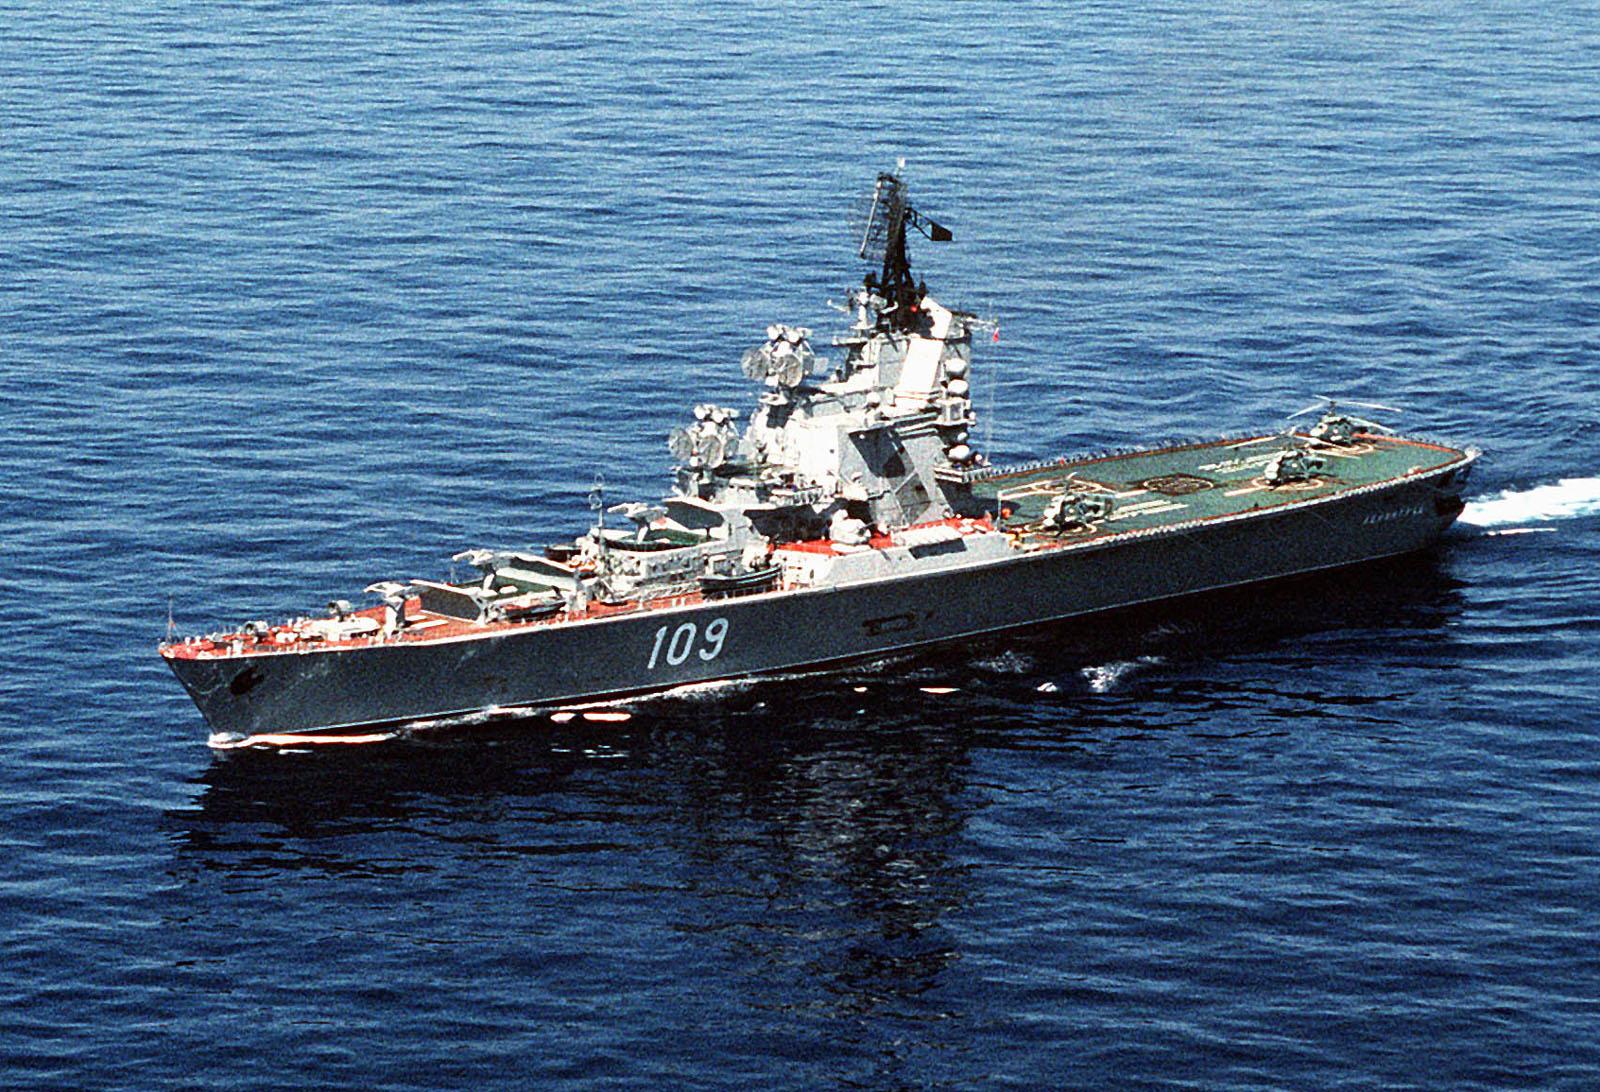 фото крейсера москва вертолетоносца живется такой необычной